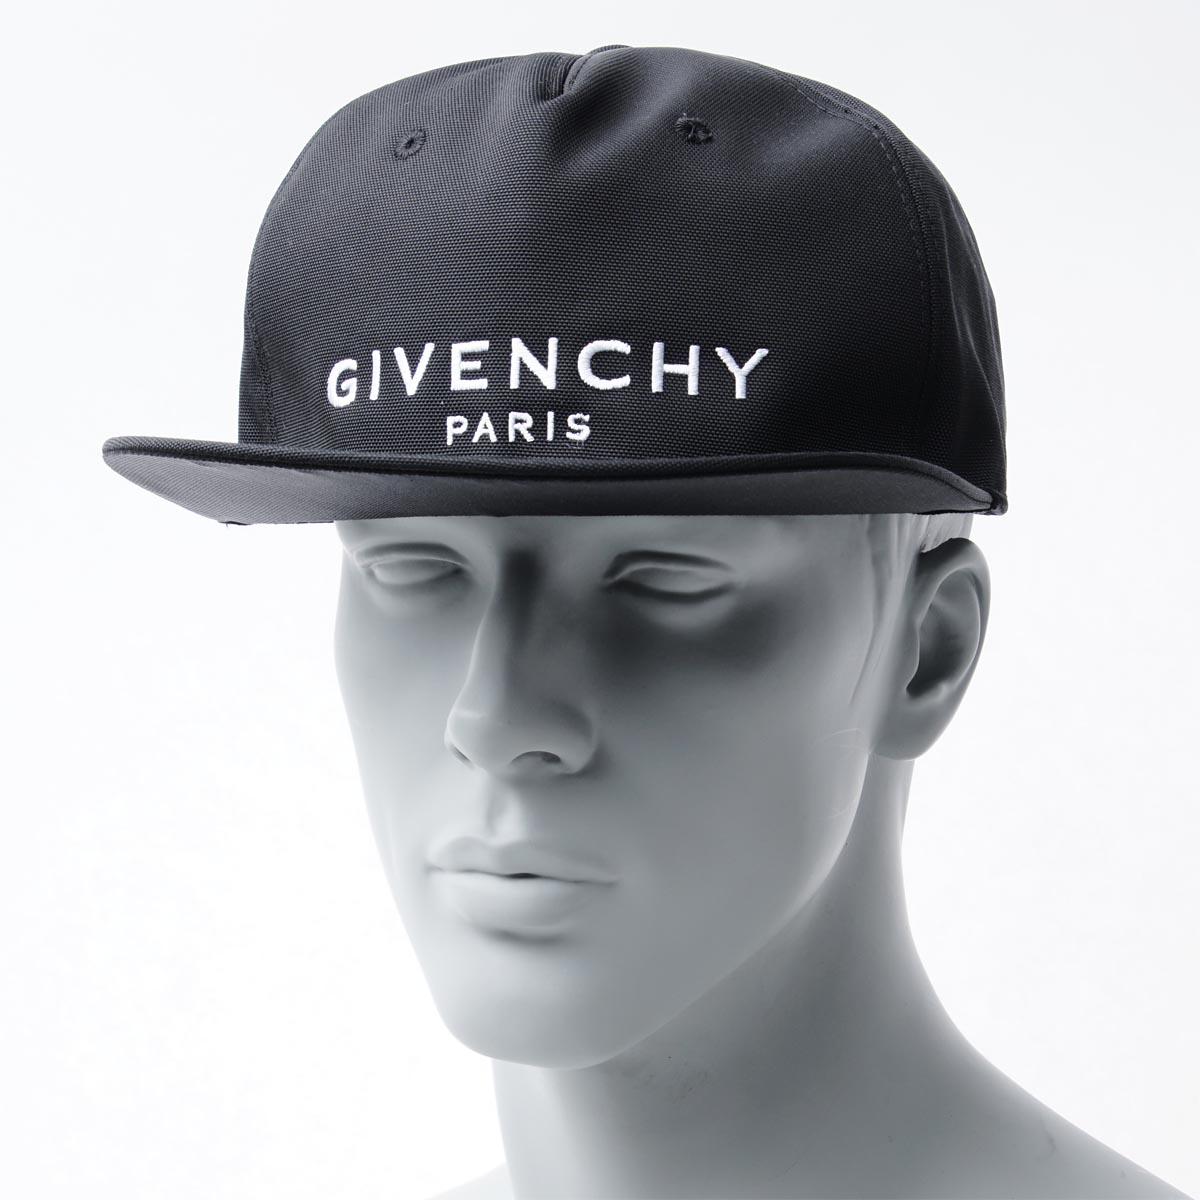 ジバンシー GIVENCHY ベースボールキャップ ブラック メンズ 帽子 スポーツ 野球 カジュアル bpz001k0ce 001 CAP FLAT PEAK【あす楽対応_関東】【返品送料無料】【ラッピング無料】